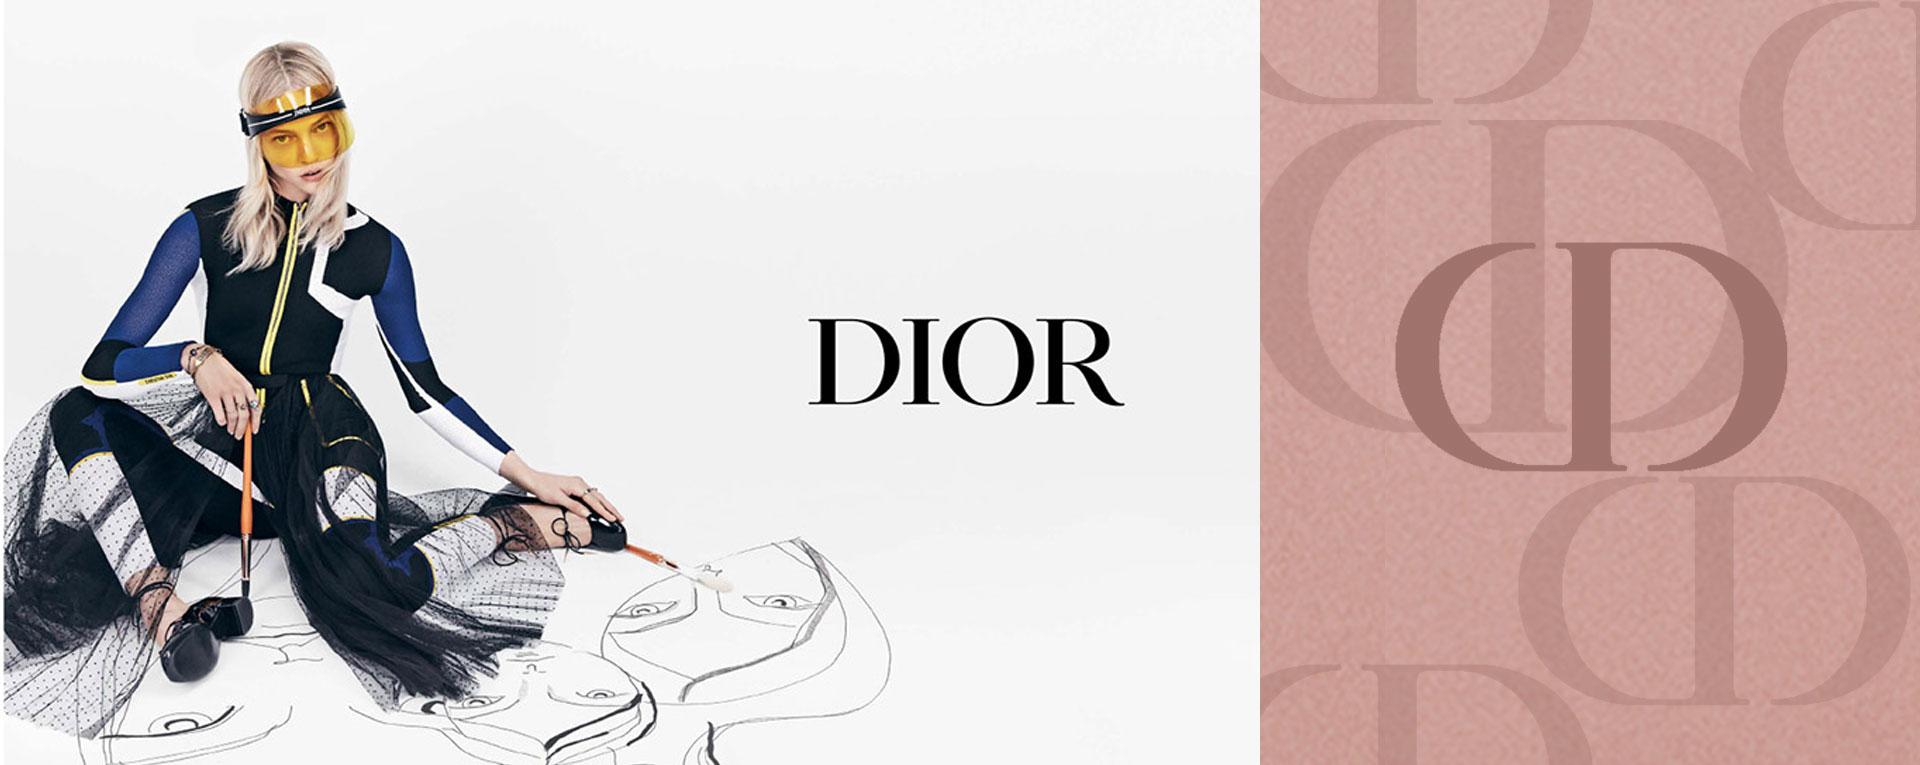 Dior e4 1 - دیور Dior